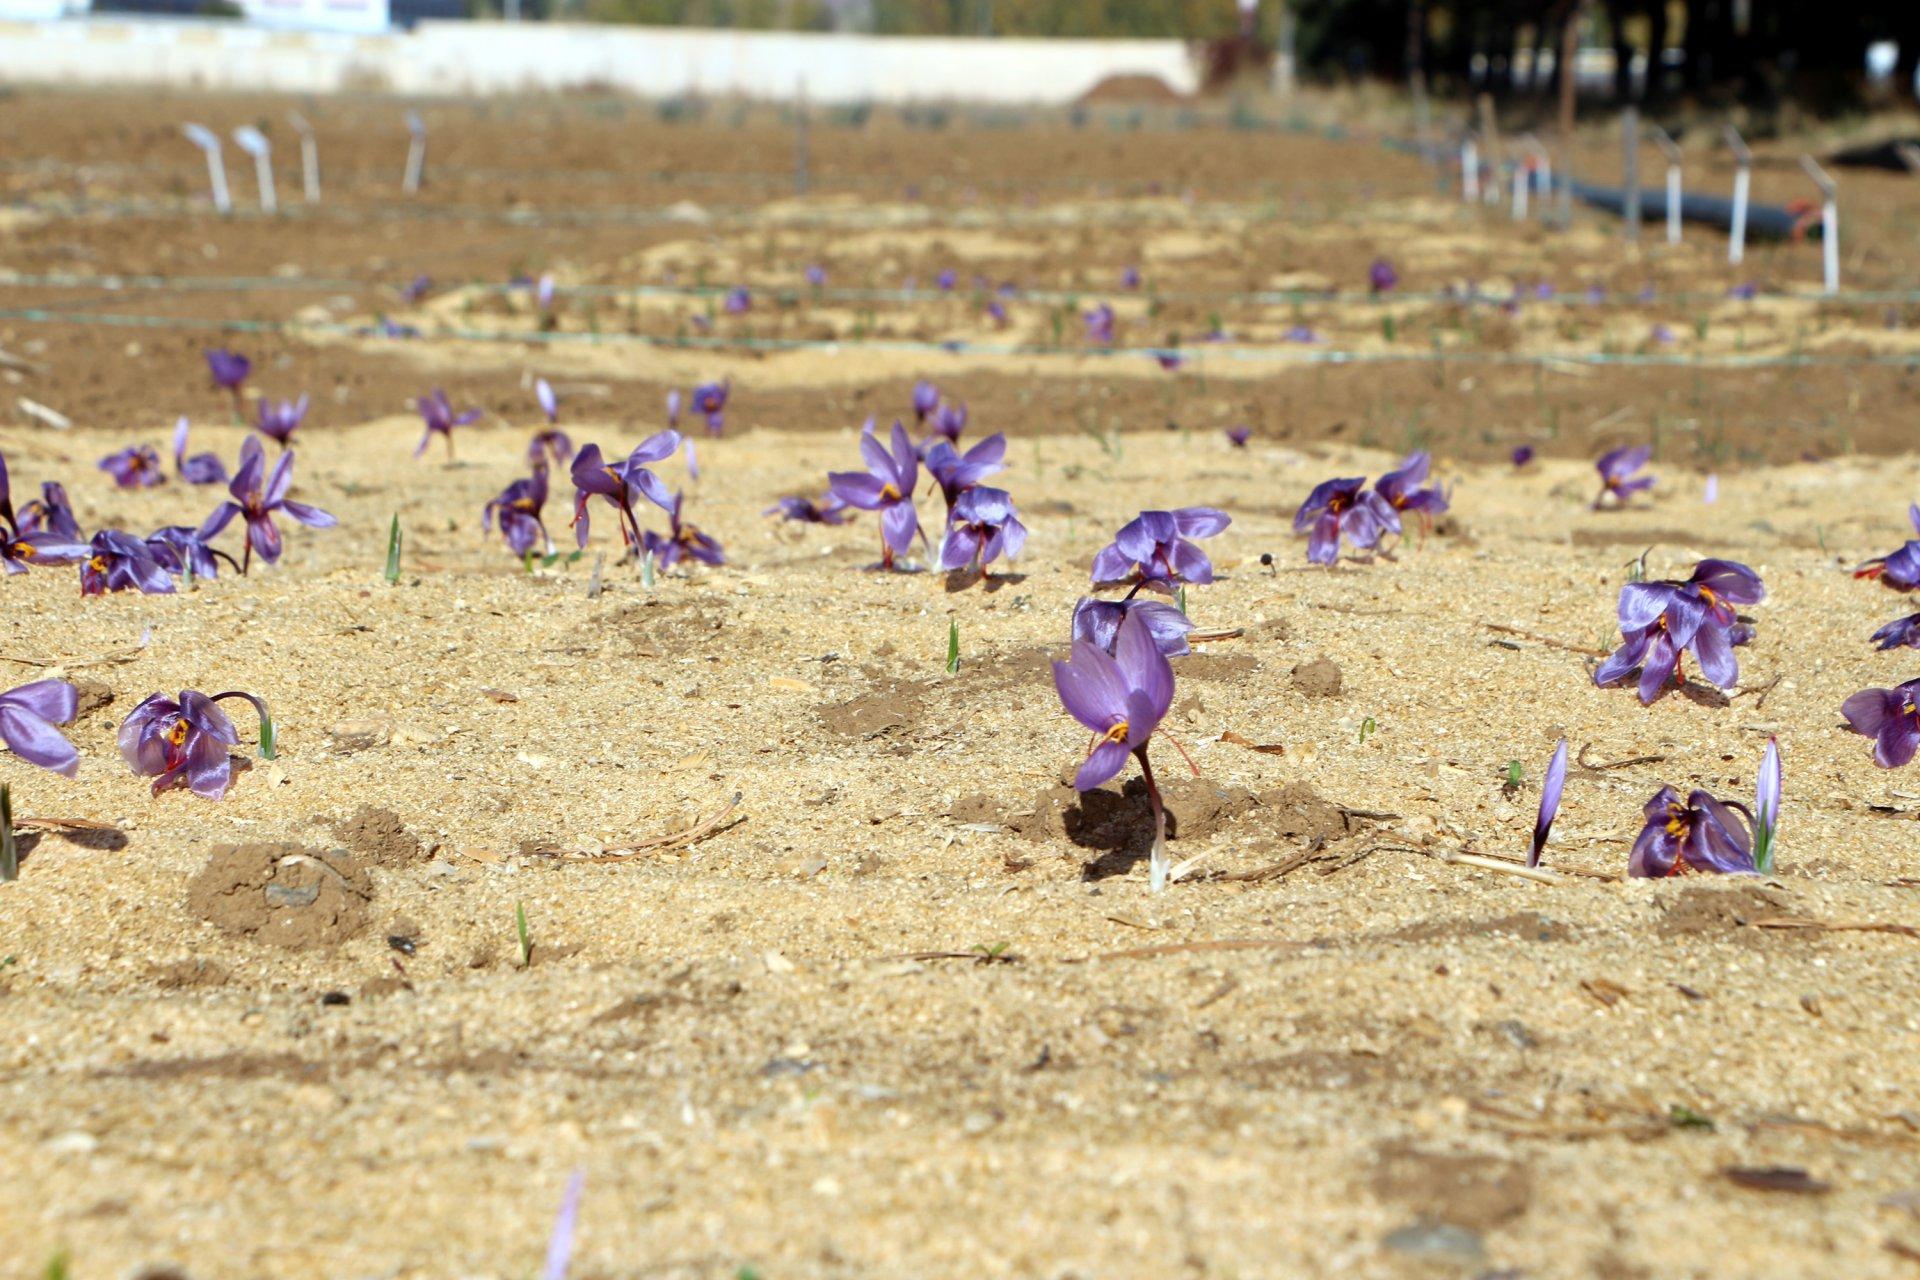 Safran nedir, Safran tarımı nasıl yapılır